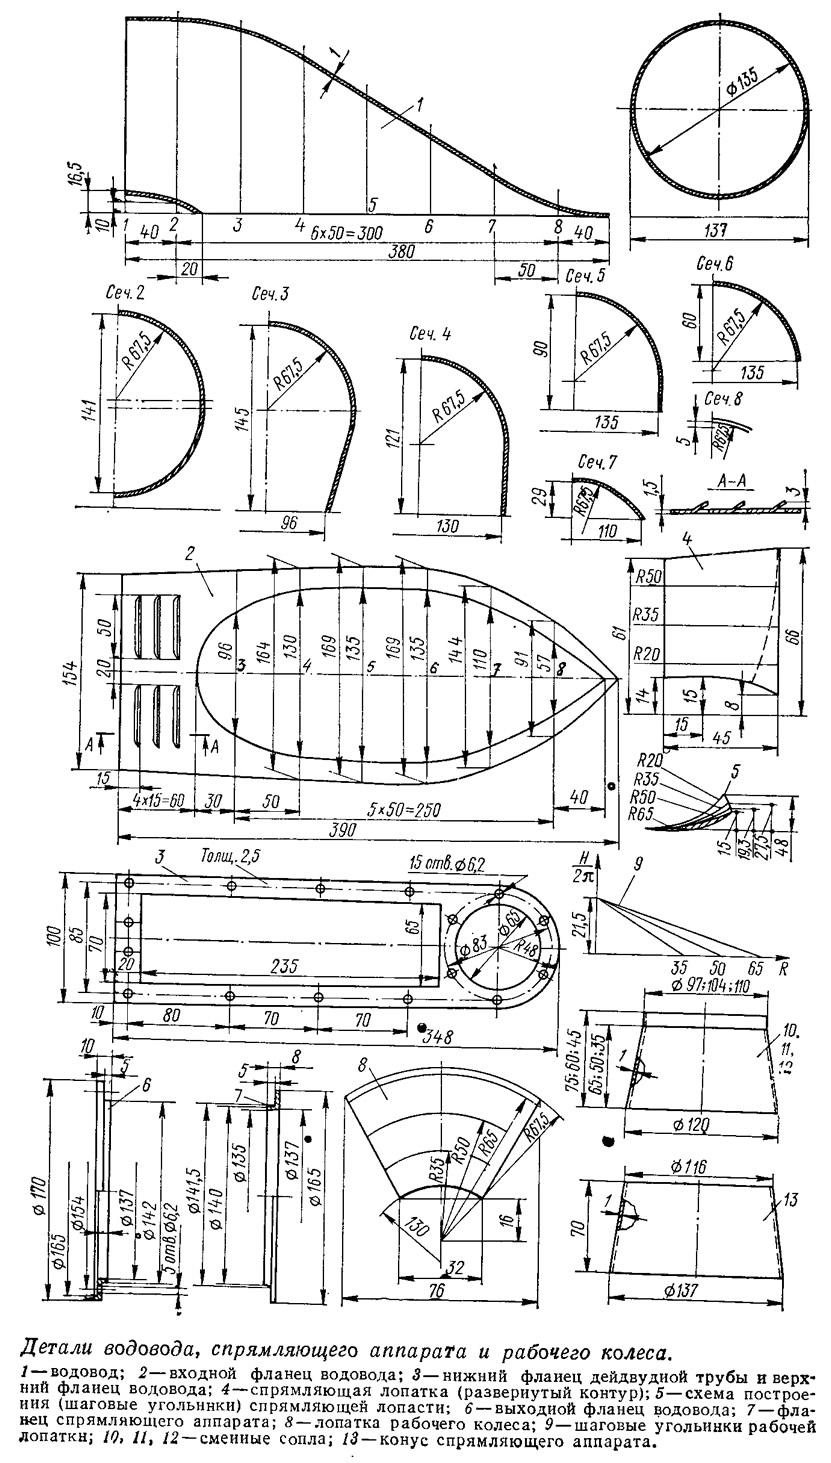 Подвесной лодочный мотор болотоход Сделай Сам 75